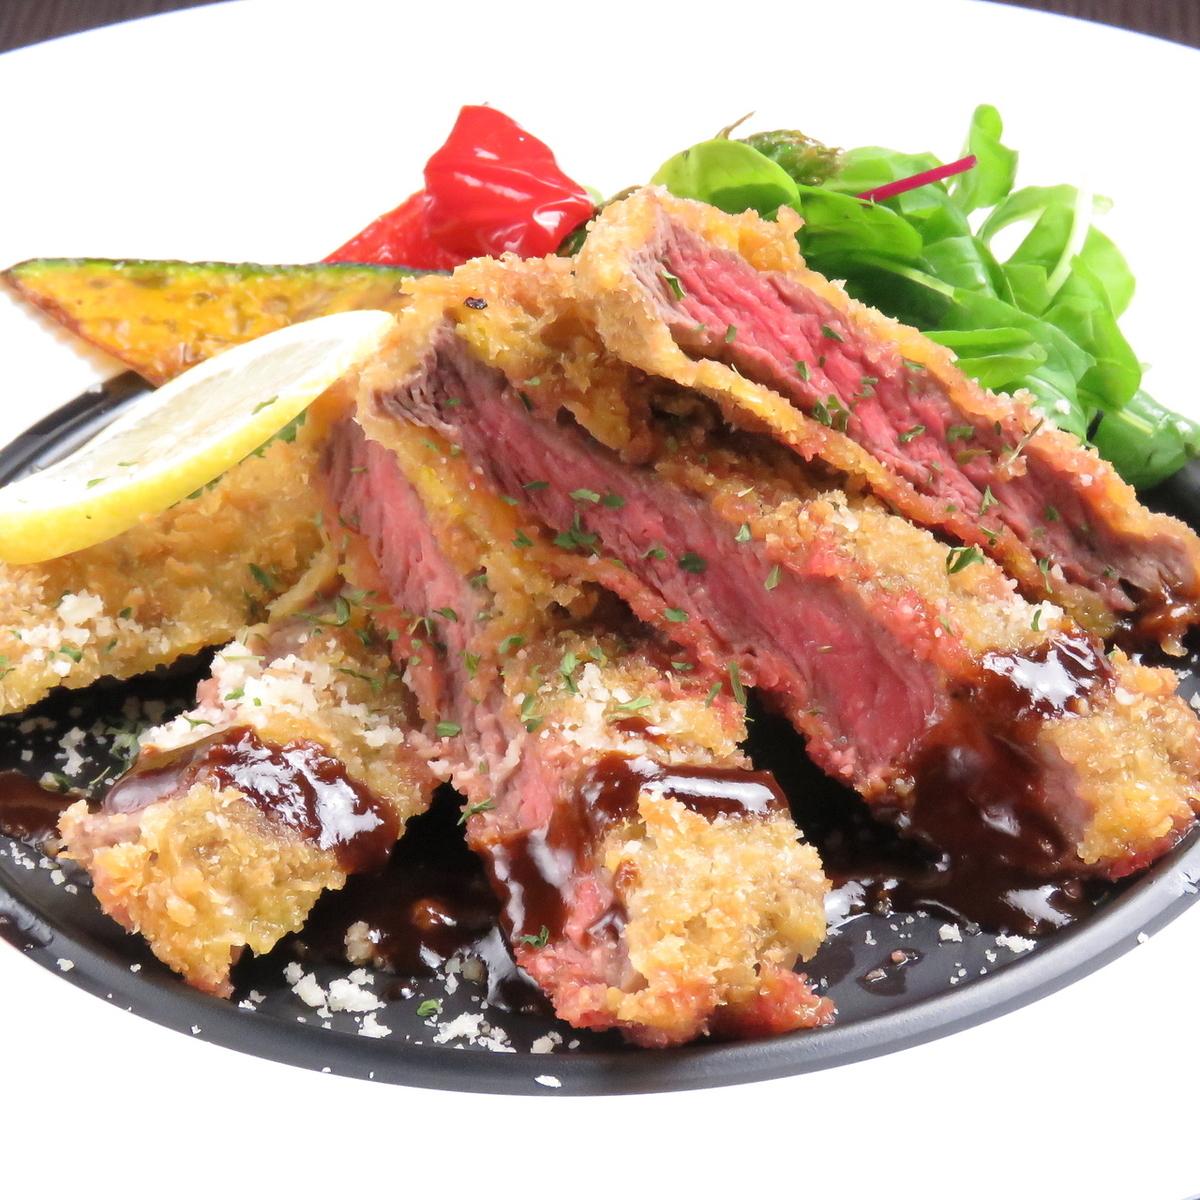 牛肉片配精心挑選的瘦肉